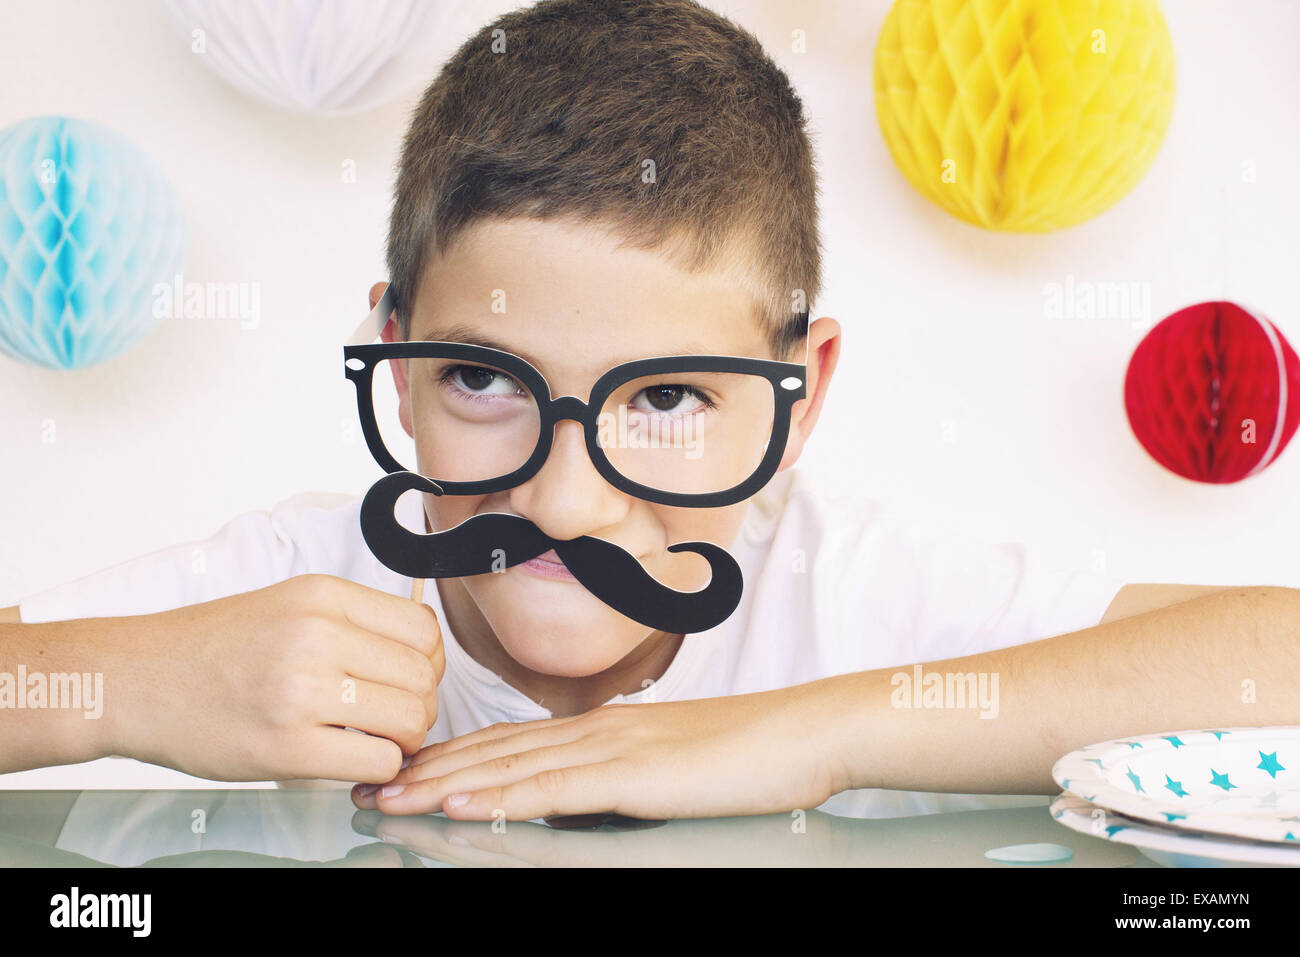 Ragazzo che indossa gli occhiali finti e i baffi a una festa di compleanno, ritratto Immagini Stock